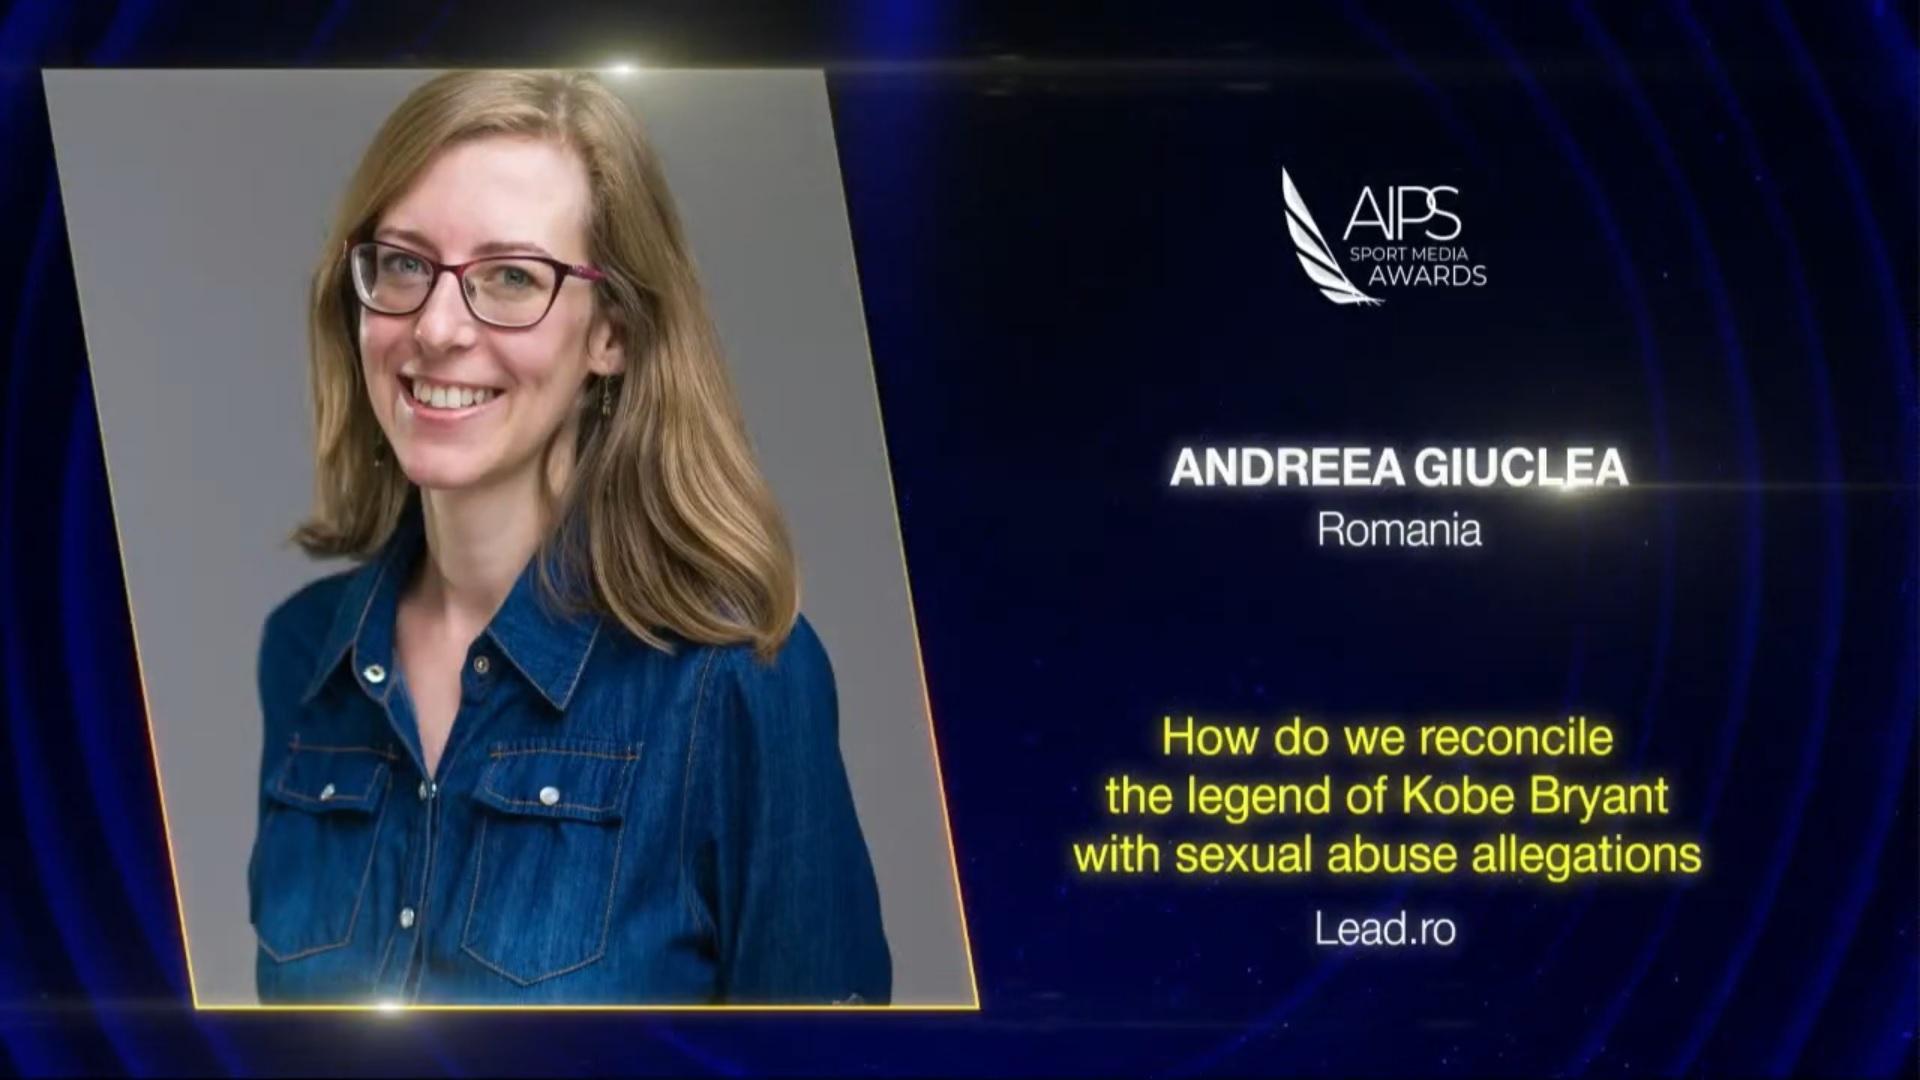 Jurnalista Andreea Giuclea, premiată de AIPS